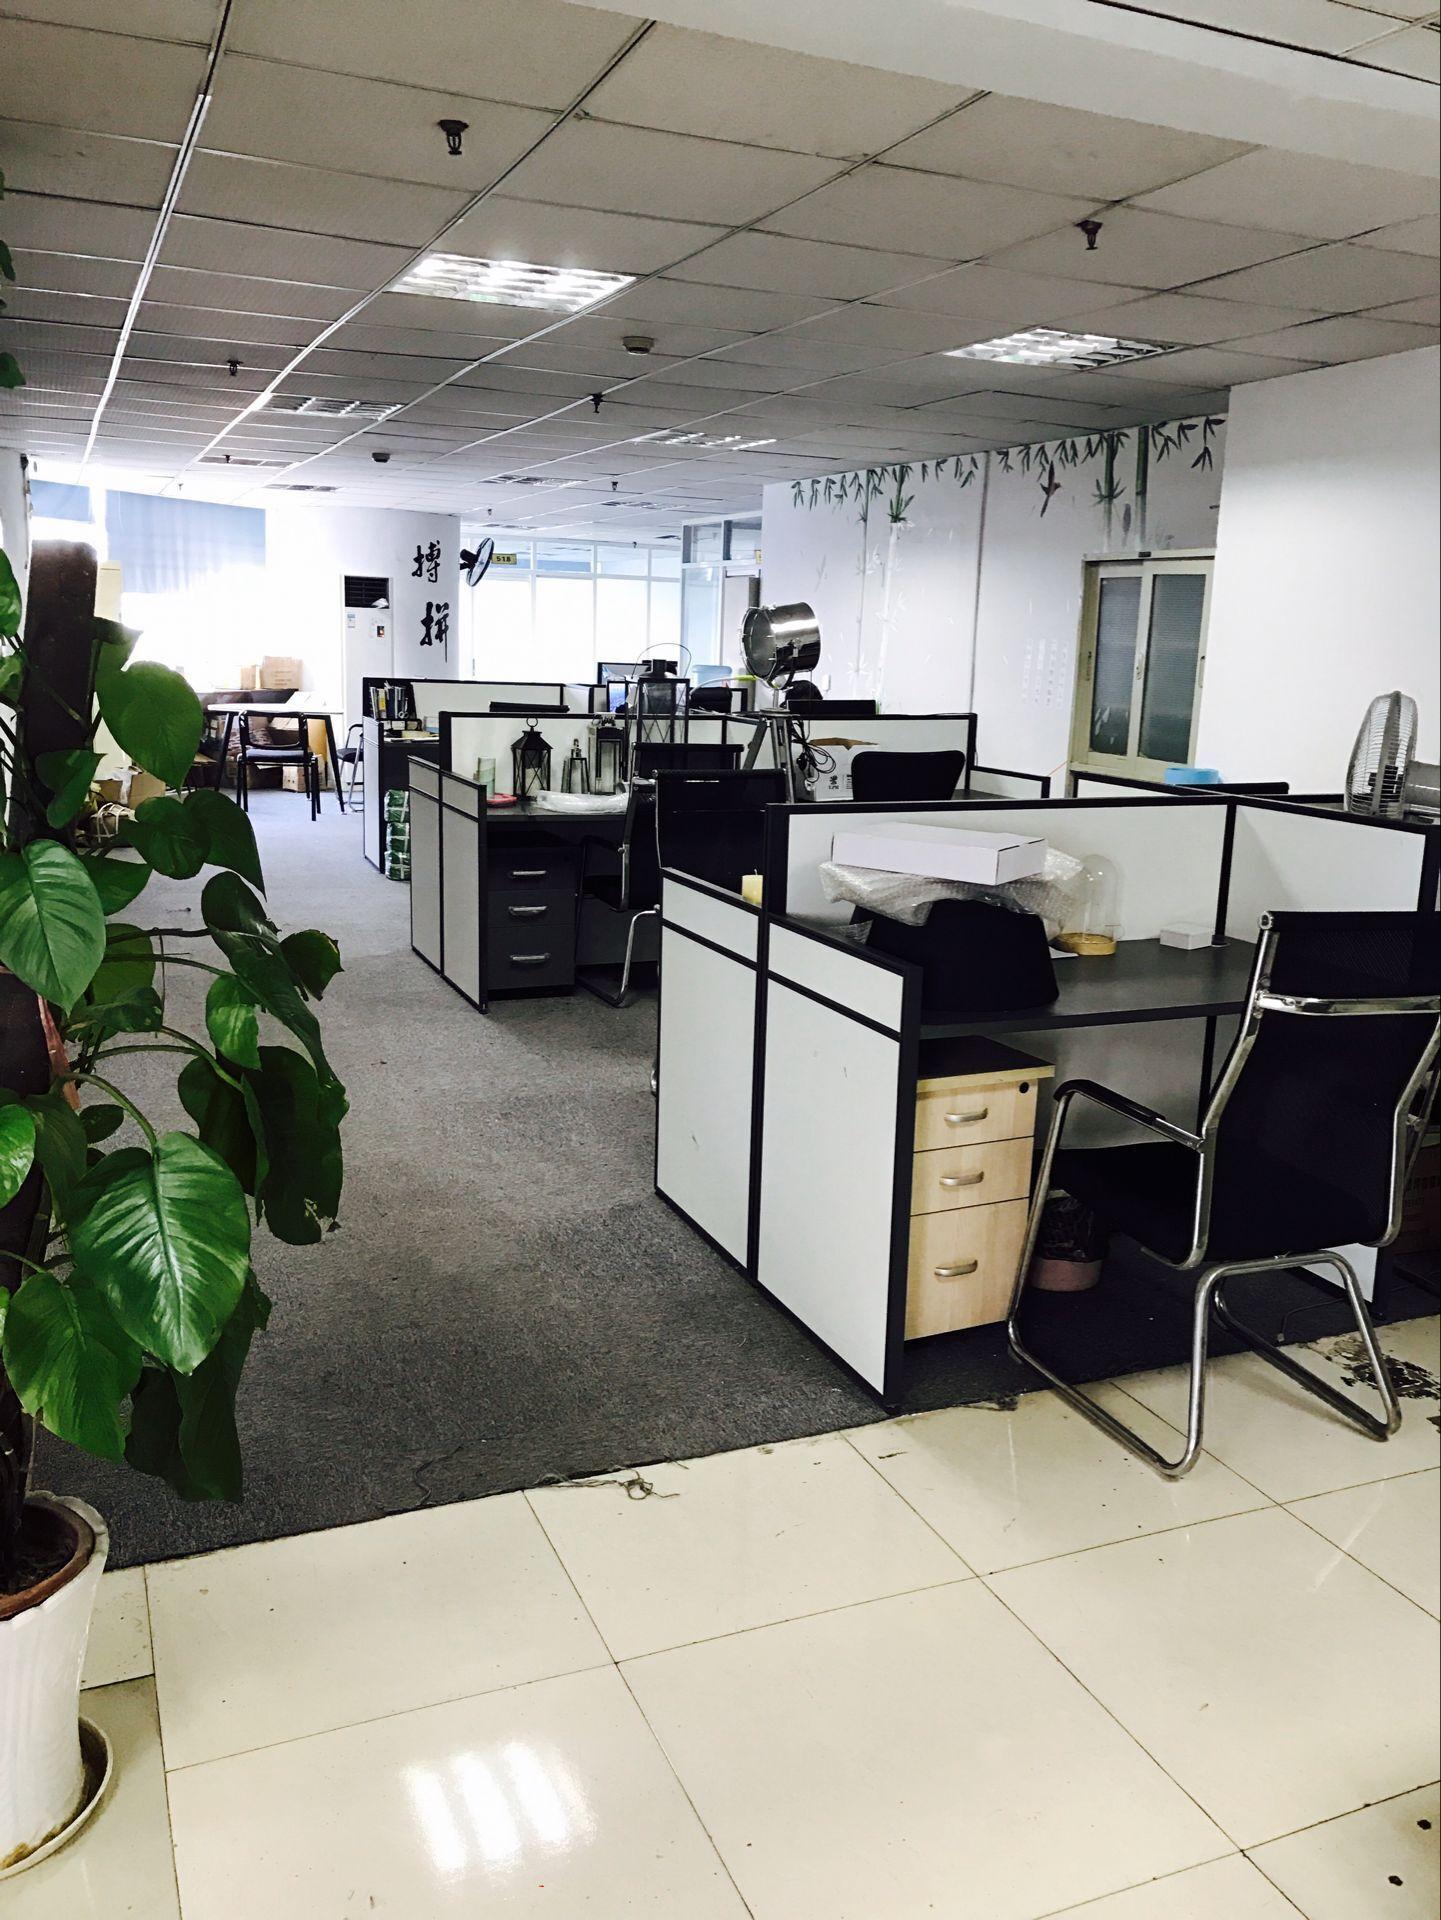 个人创业、办公席位出租 西湖文化广场附近(非中介)